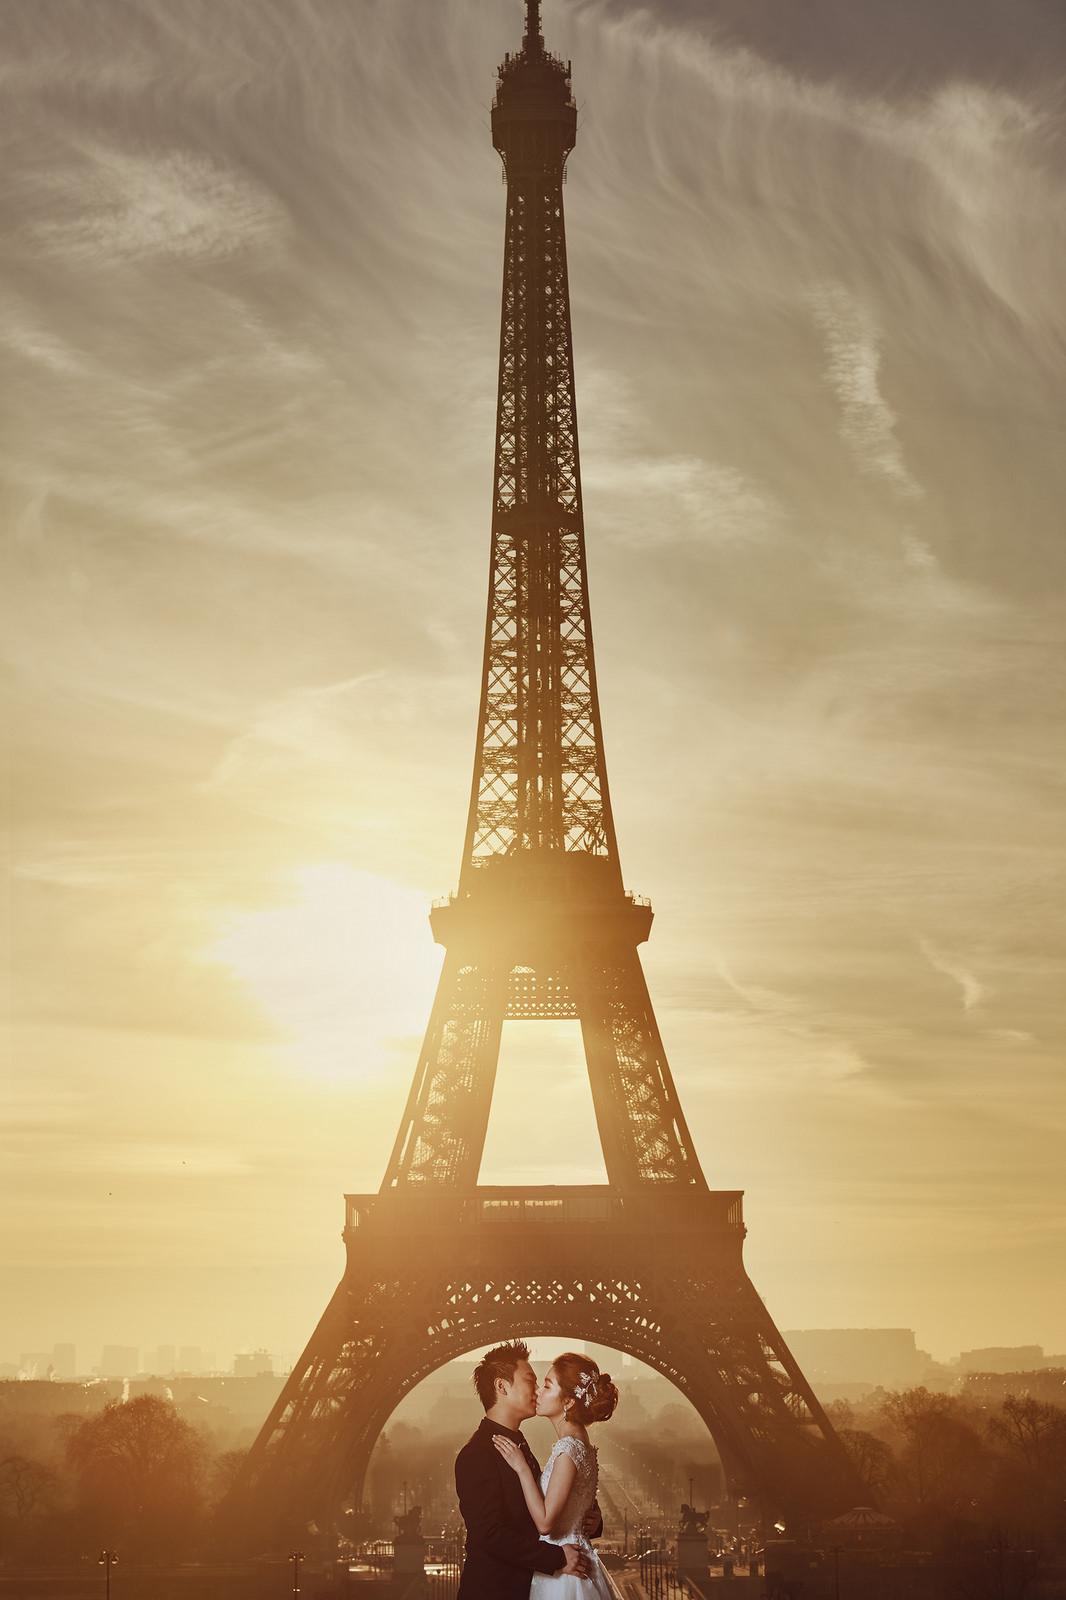 巴黎婚紗, 艾菲爾鐵塔, 海外婚紗, Donfer Photography, 東法, 藝術婚紗, Profoto, Paris